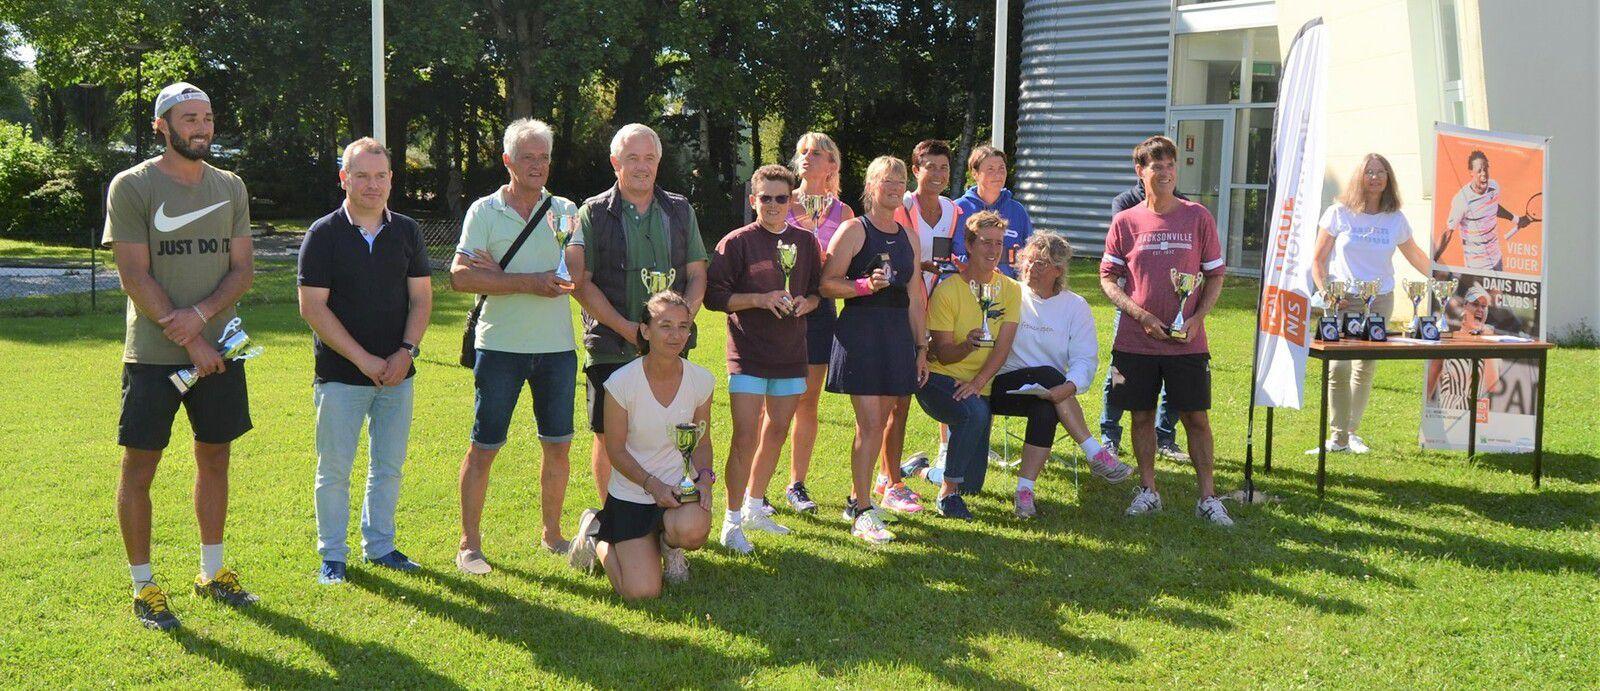 Championnats de Normandie 2021 Seniors+